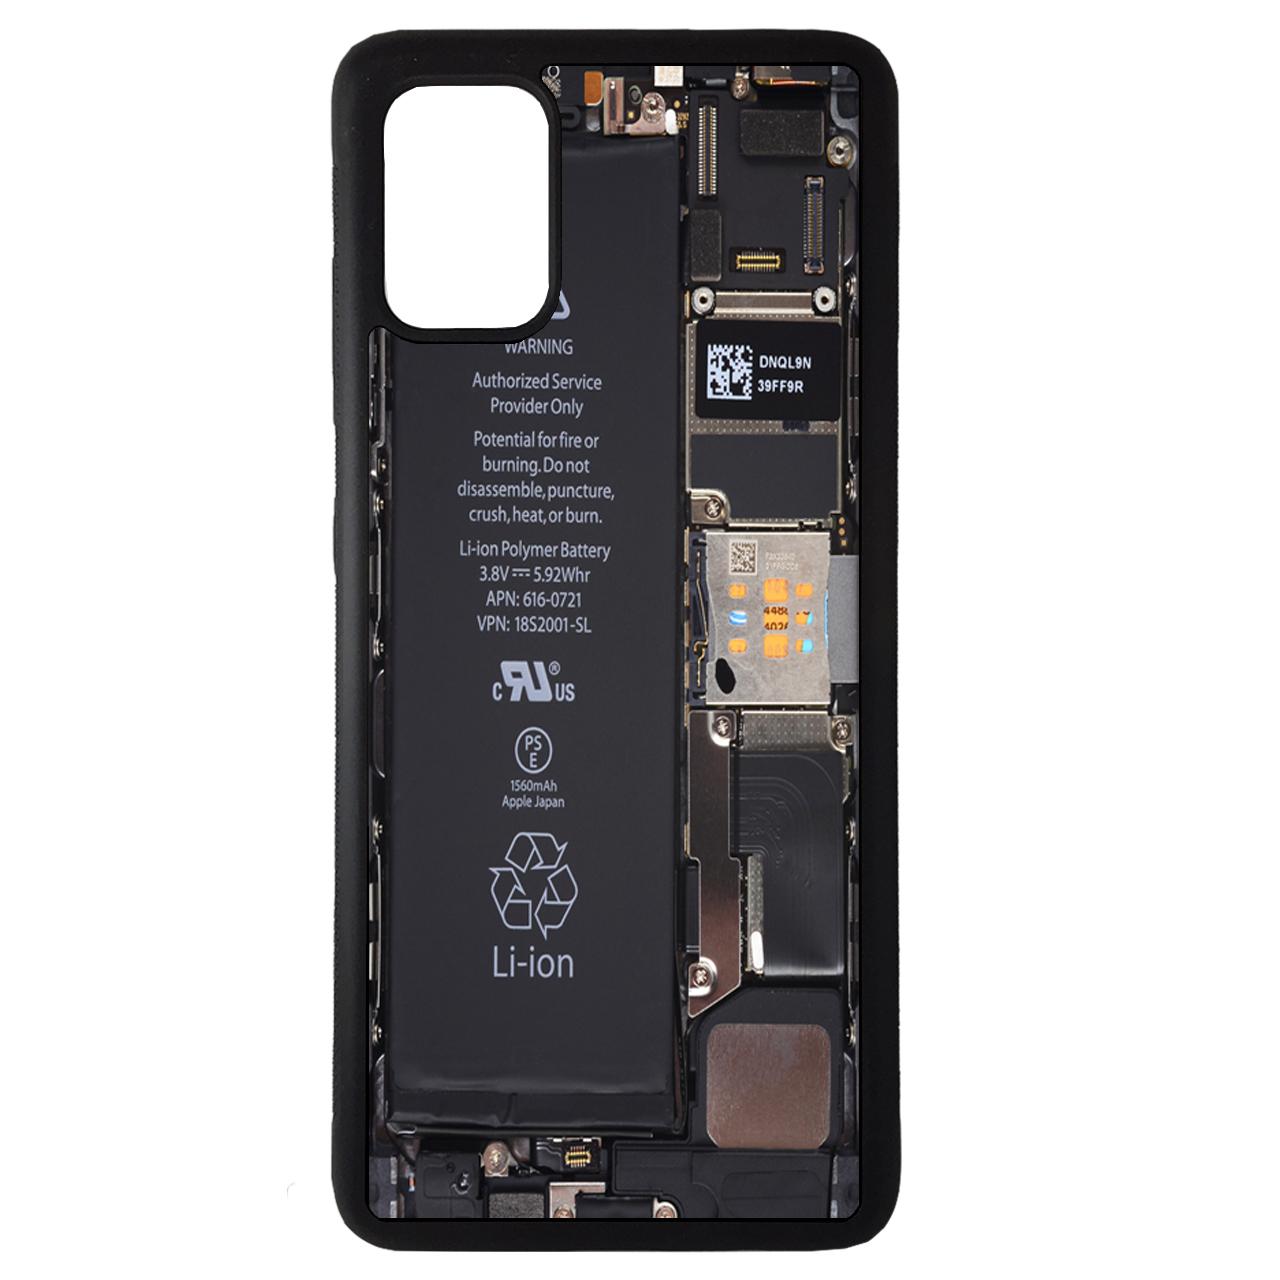 کاور کد 110646 مناسب برای گوشی موبایل سامسونگ galaxy a31